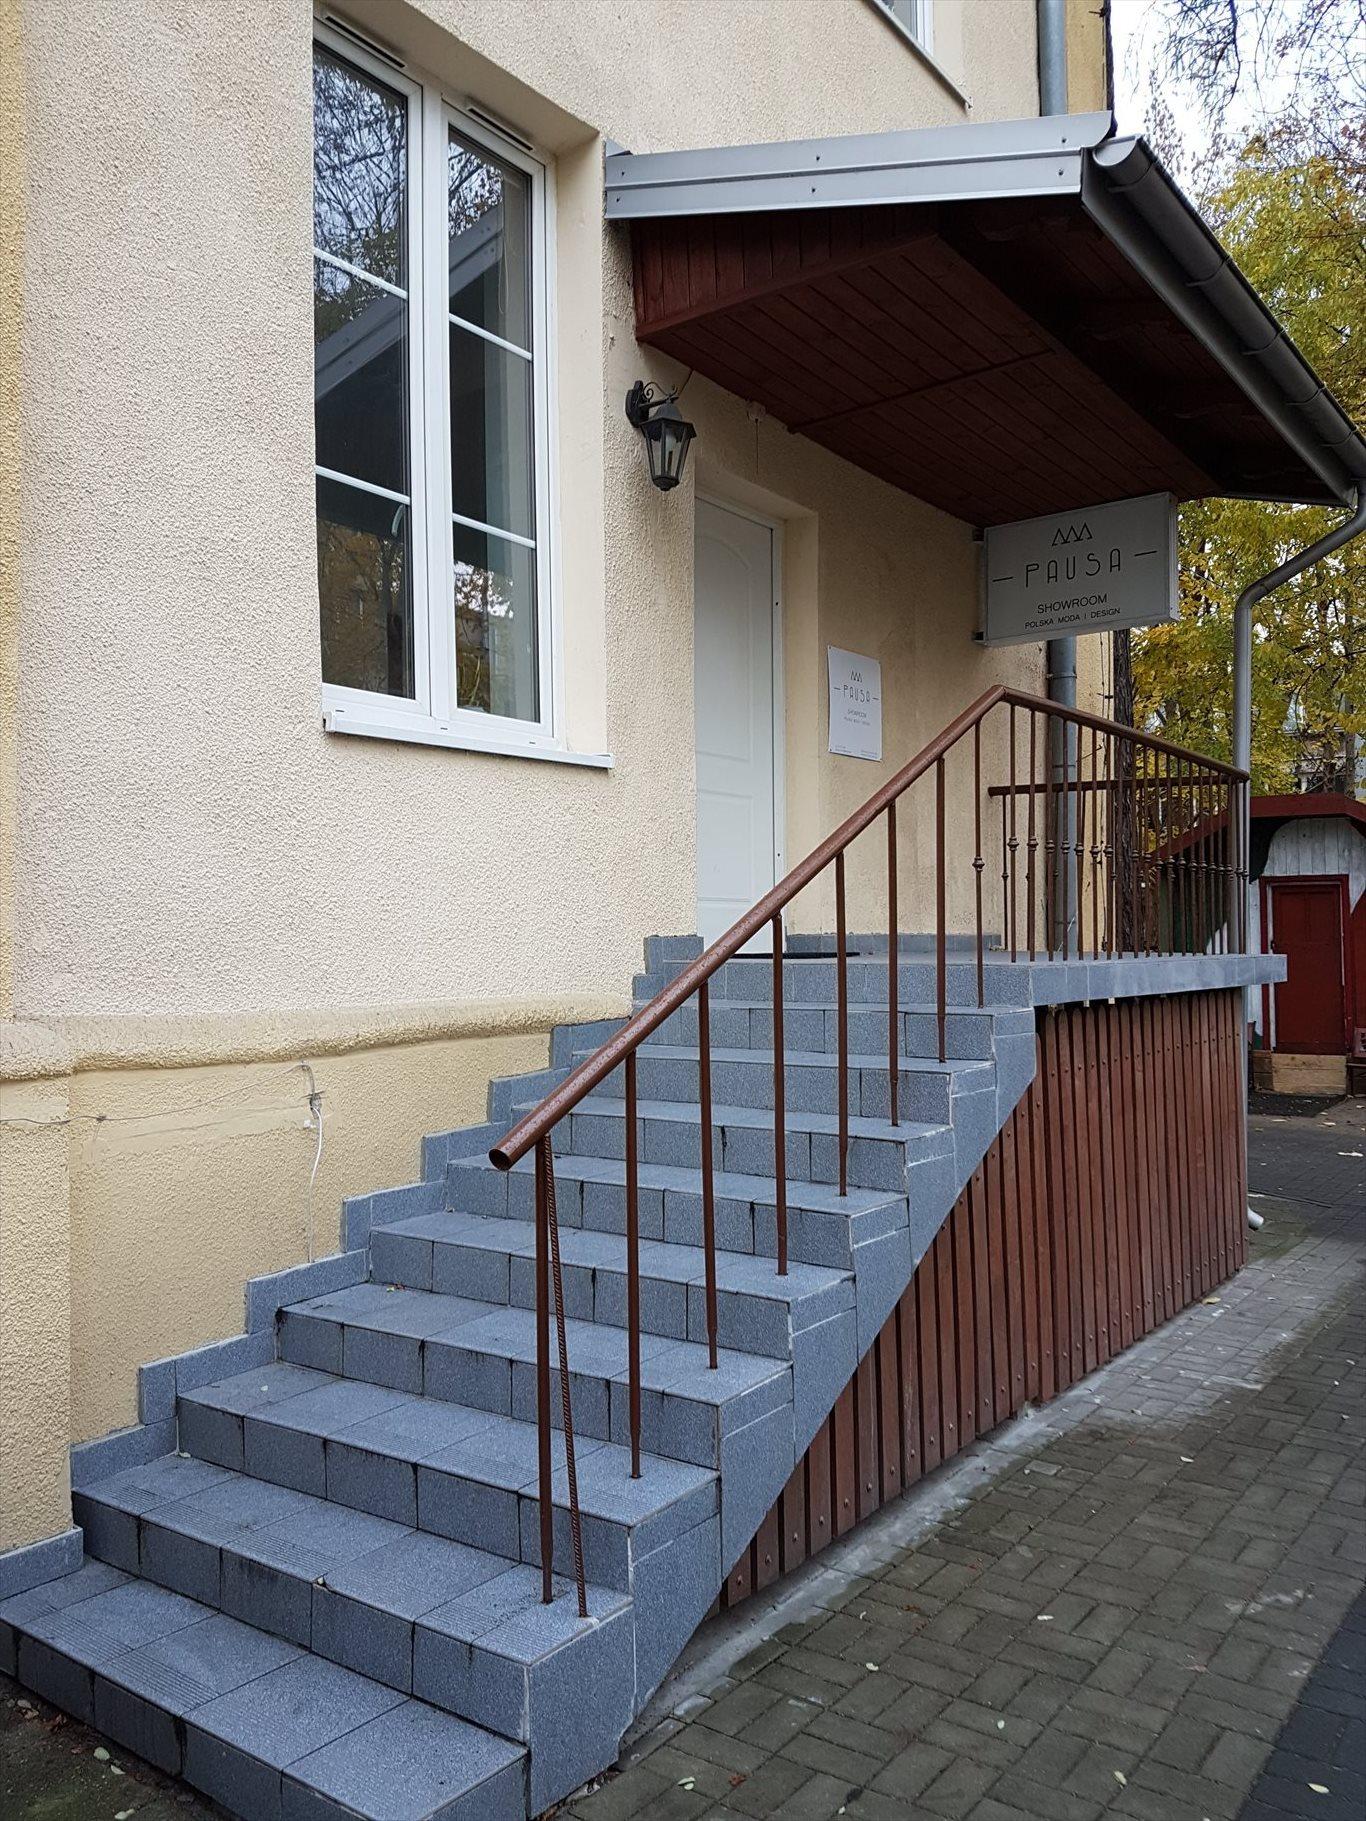 Lokal użytkowy na wynajem Warszawa, Wawer, Międzylesie, Żegańska 21/23  20m2 Foto 1